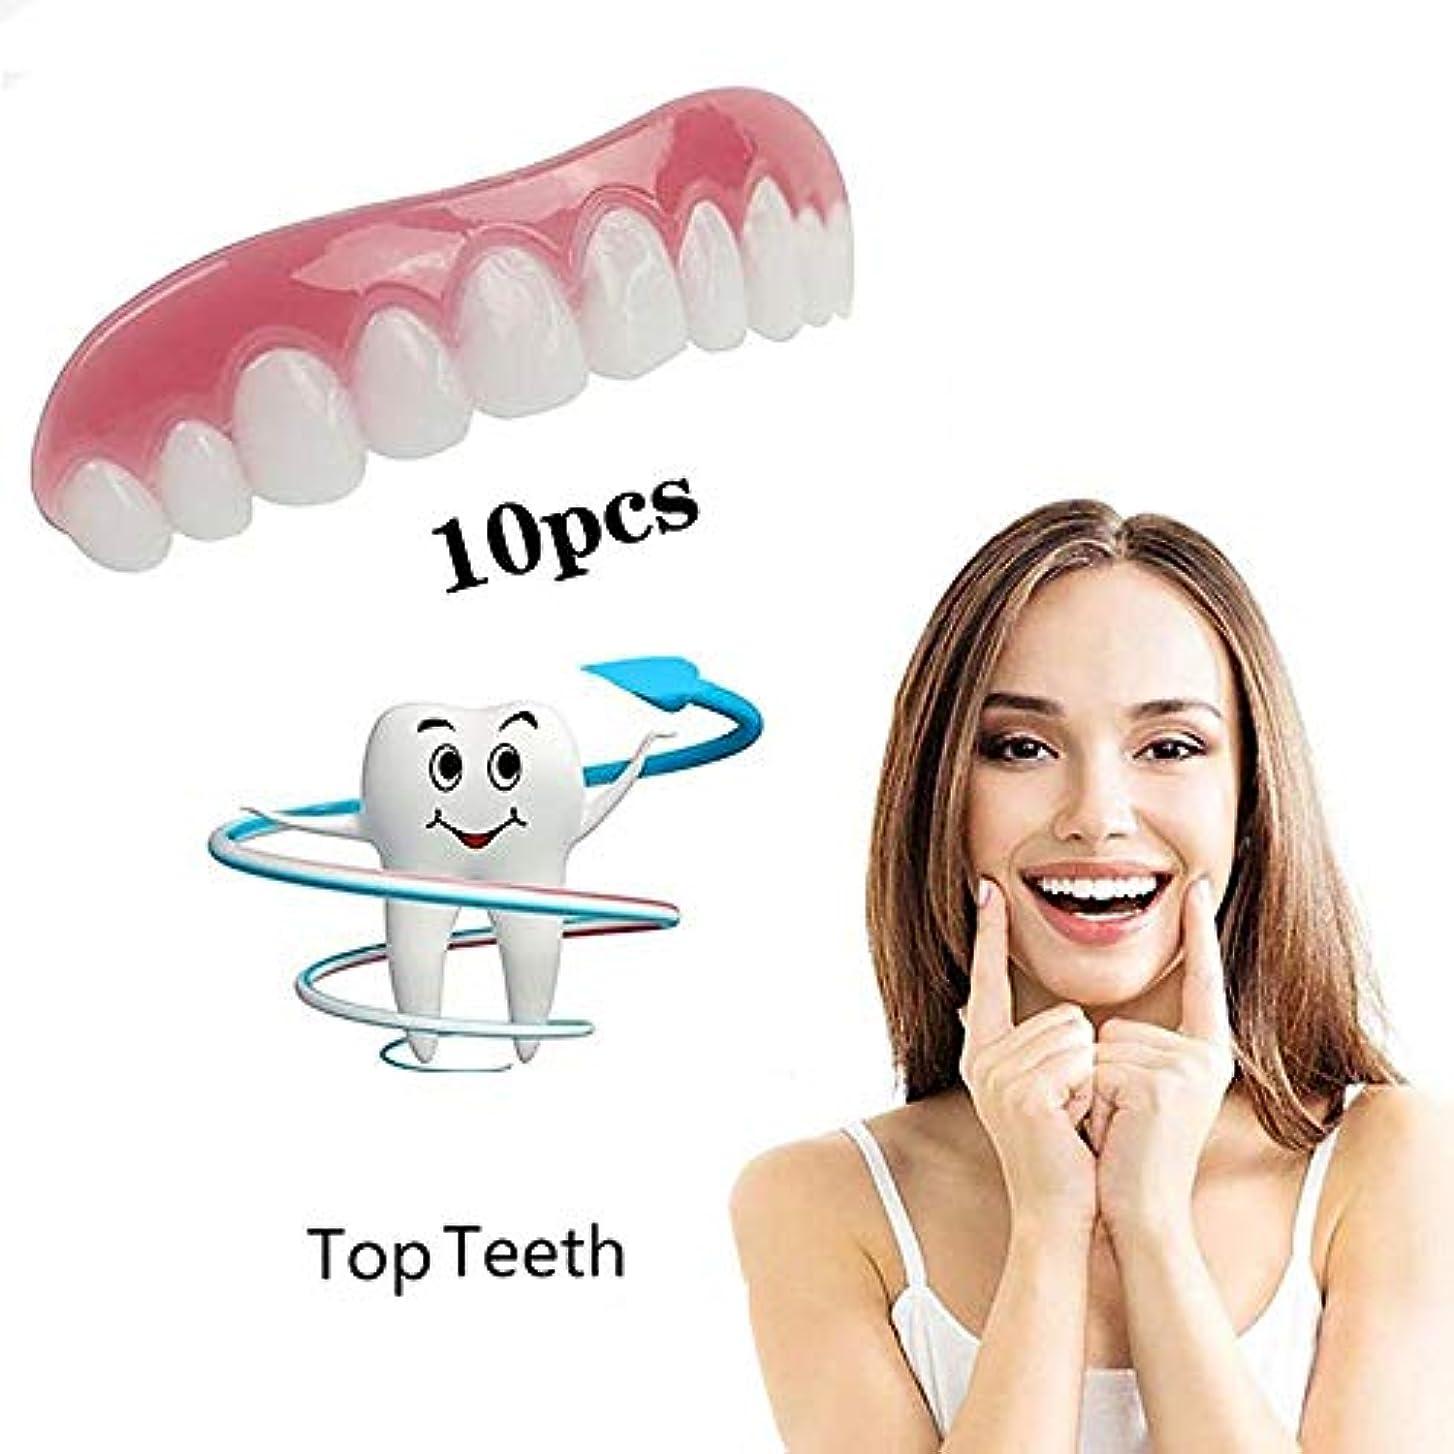 寝るハイジャックモンスター10個偽の歯アッパー偽の偽の歯カバースナップオン即時の歯の化粧品義歯のケアオーラルケアシリコーンホワイトニング義歯